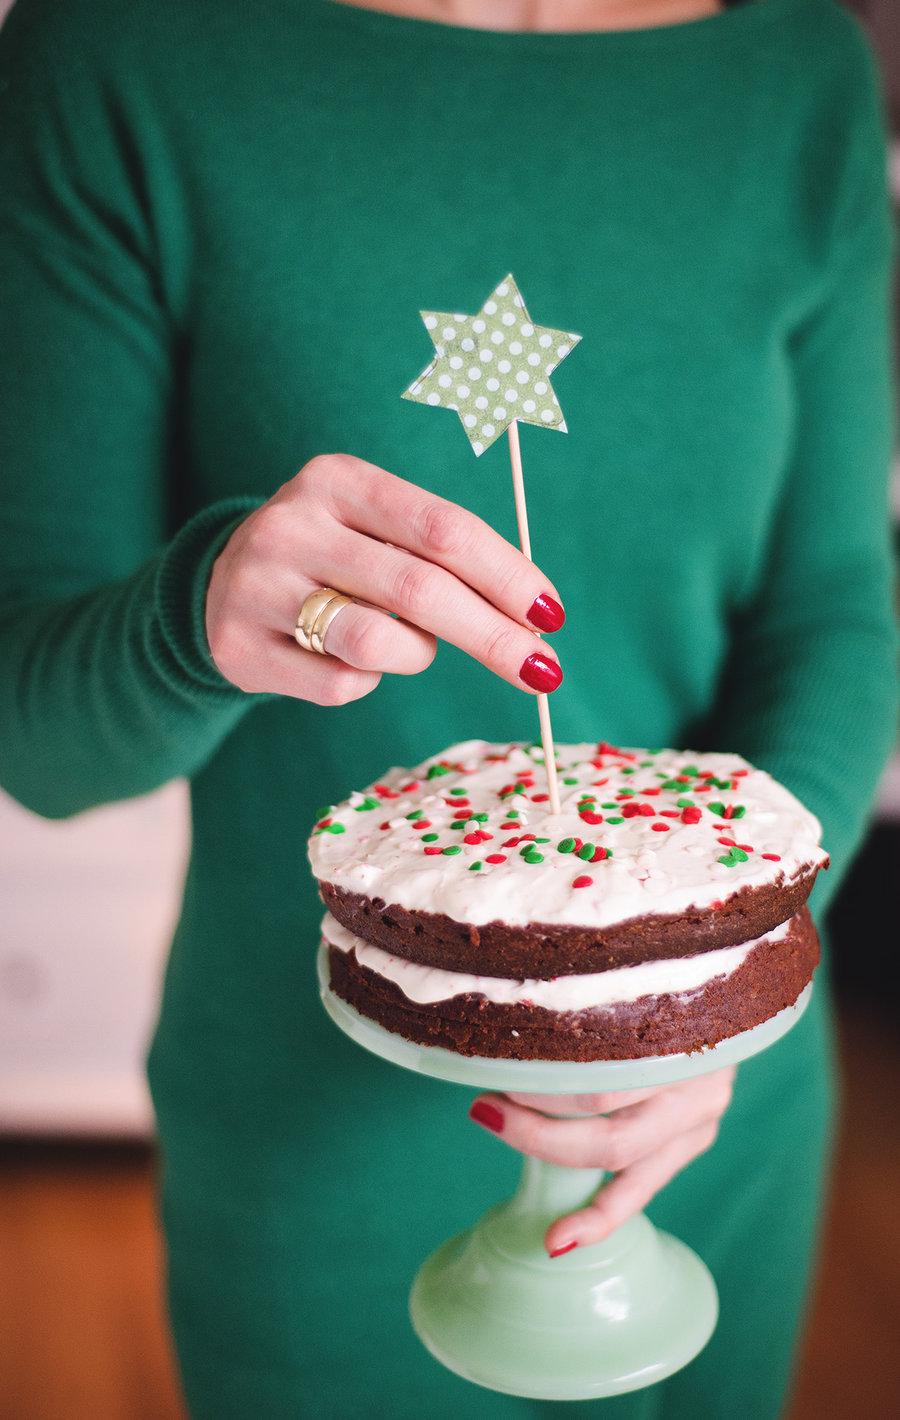 Der soleb 39 ich adventskalender tag 14 wiener wohnsinn b ckt uns einen red velvet cake - Wiener wohnsinn ...